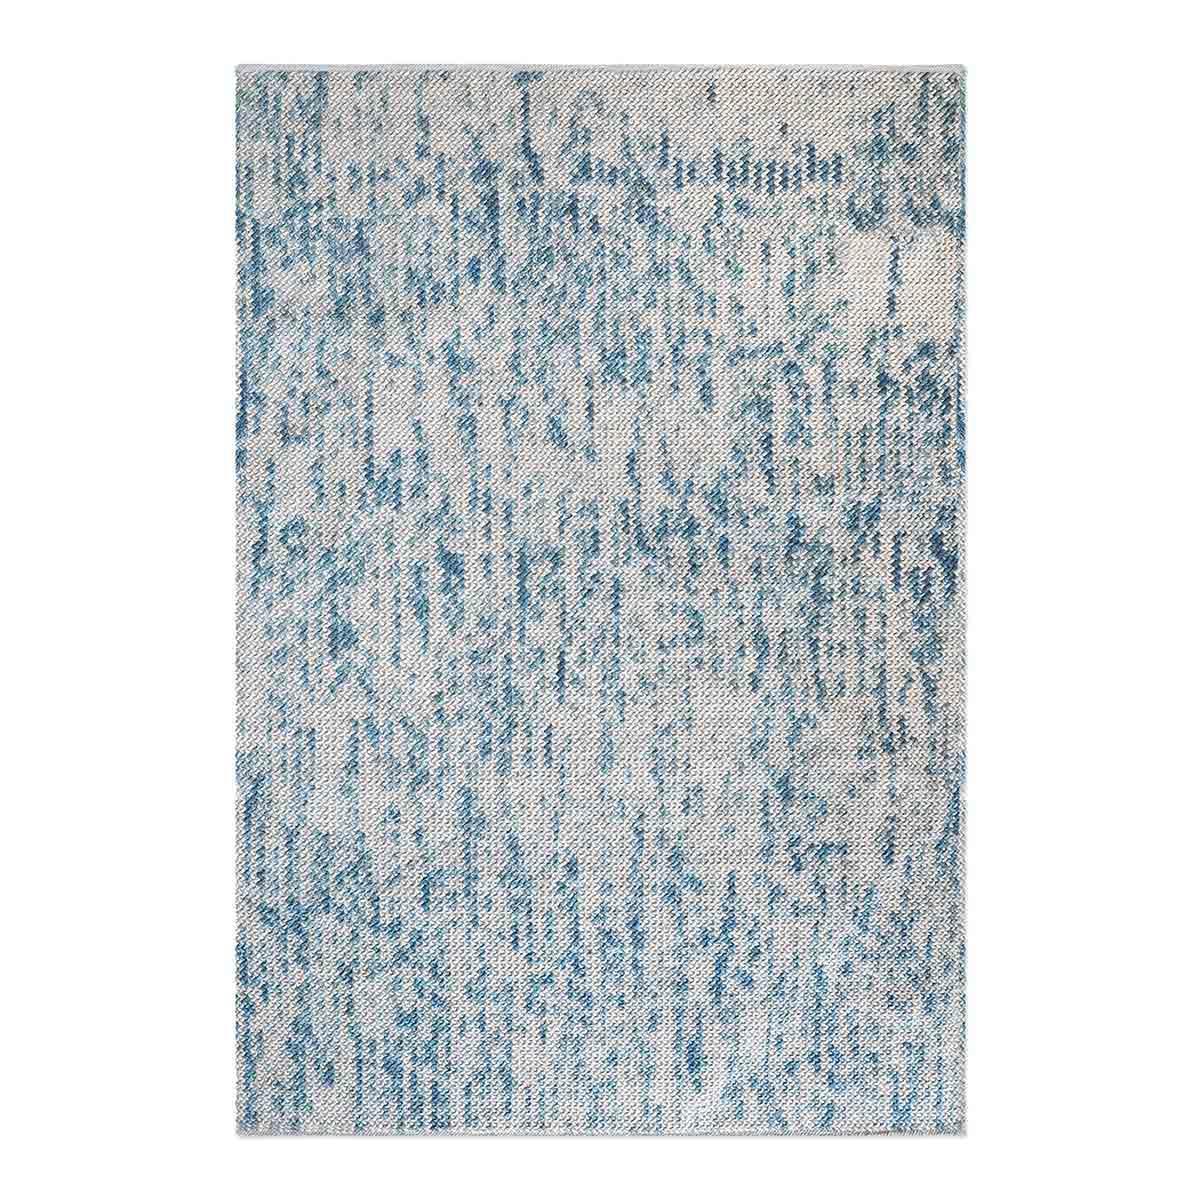 Uttermost Mojito 8 x 10 Rug - Gray/Blue